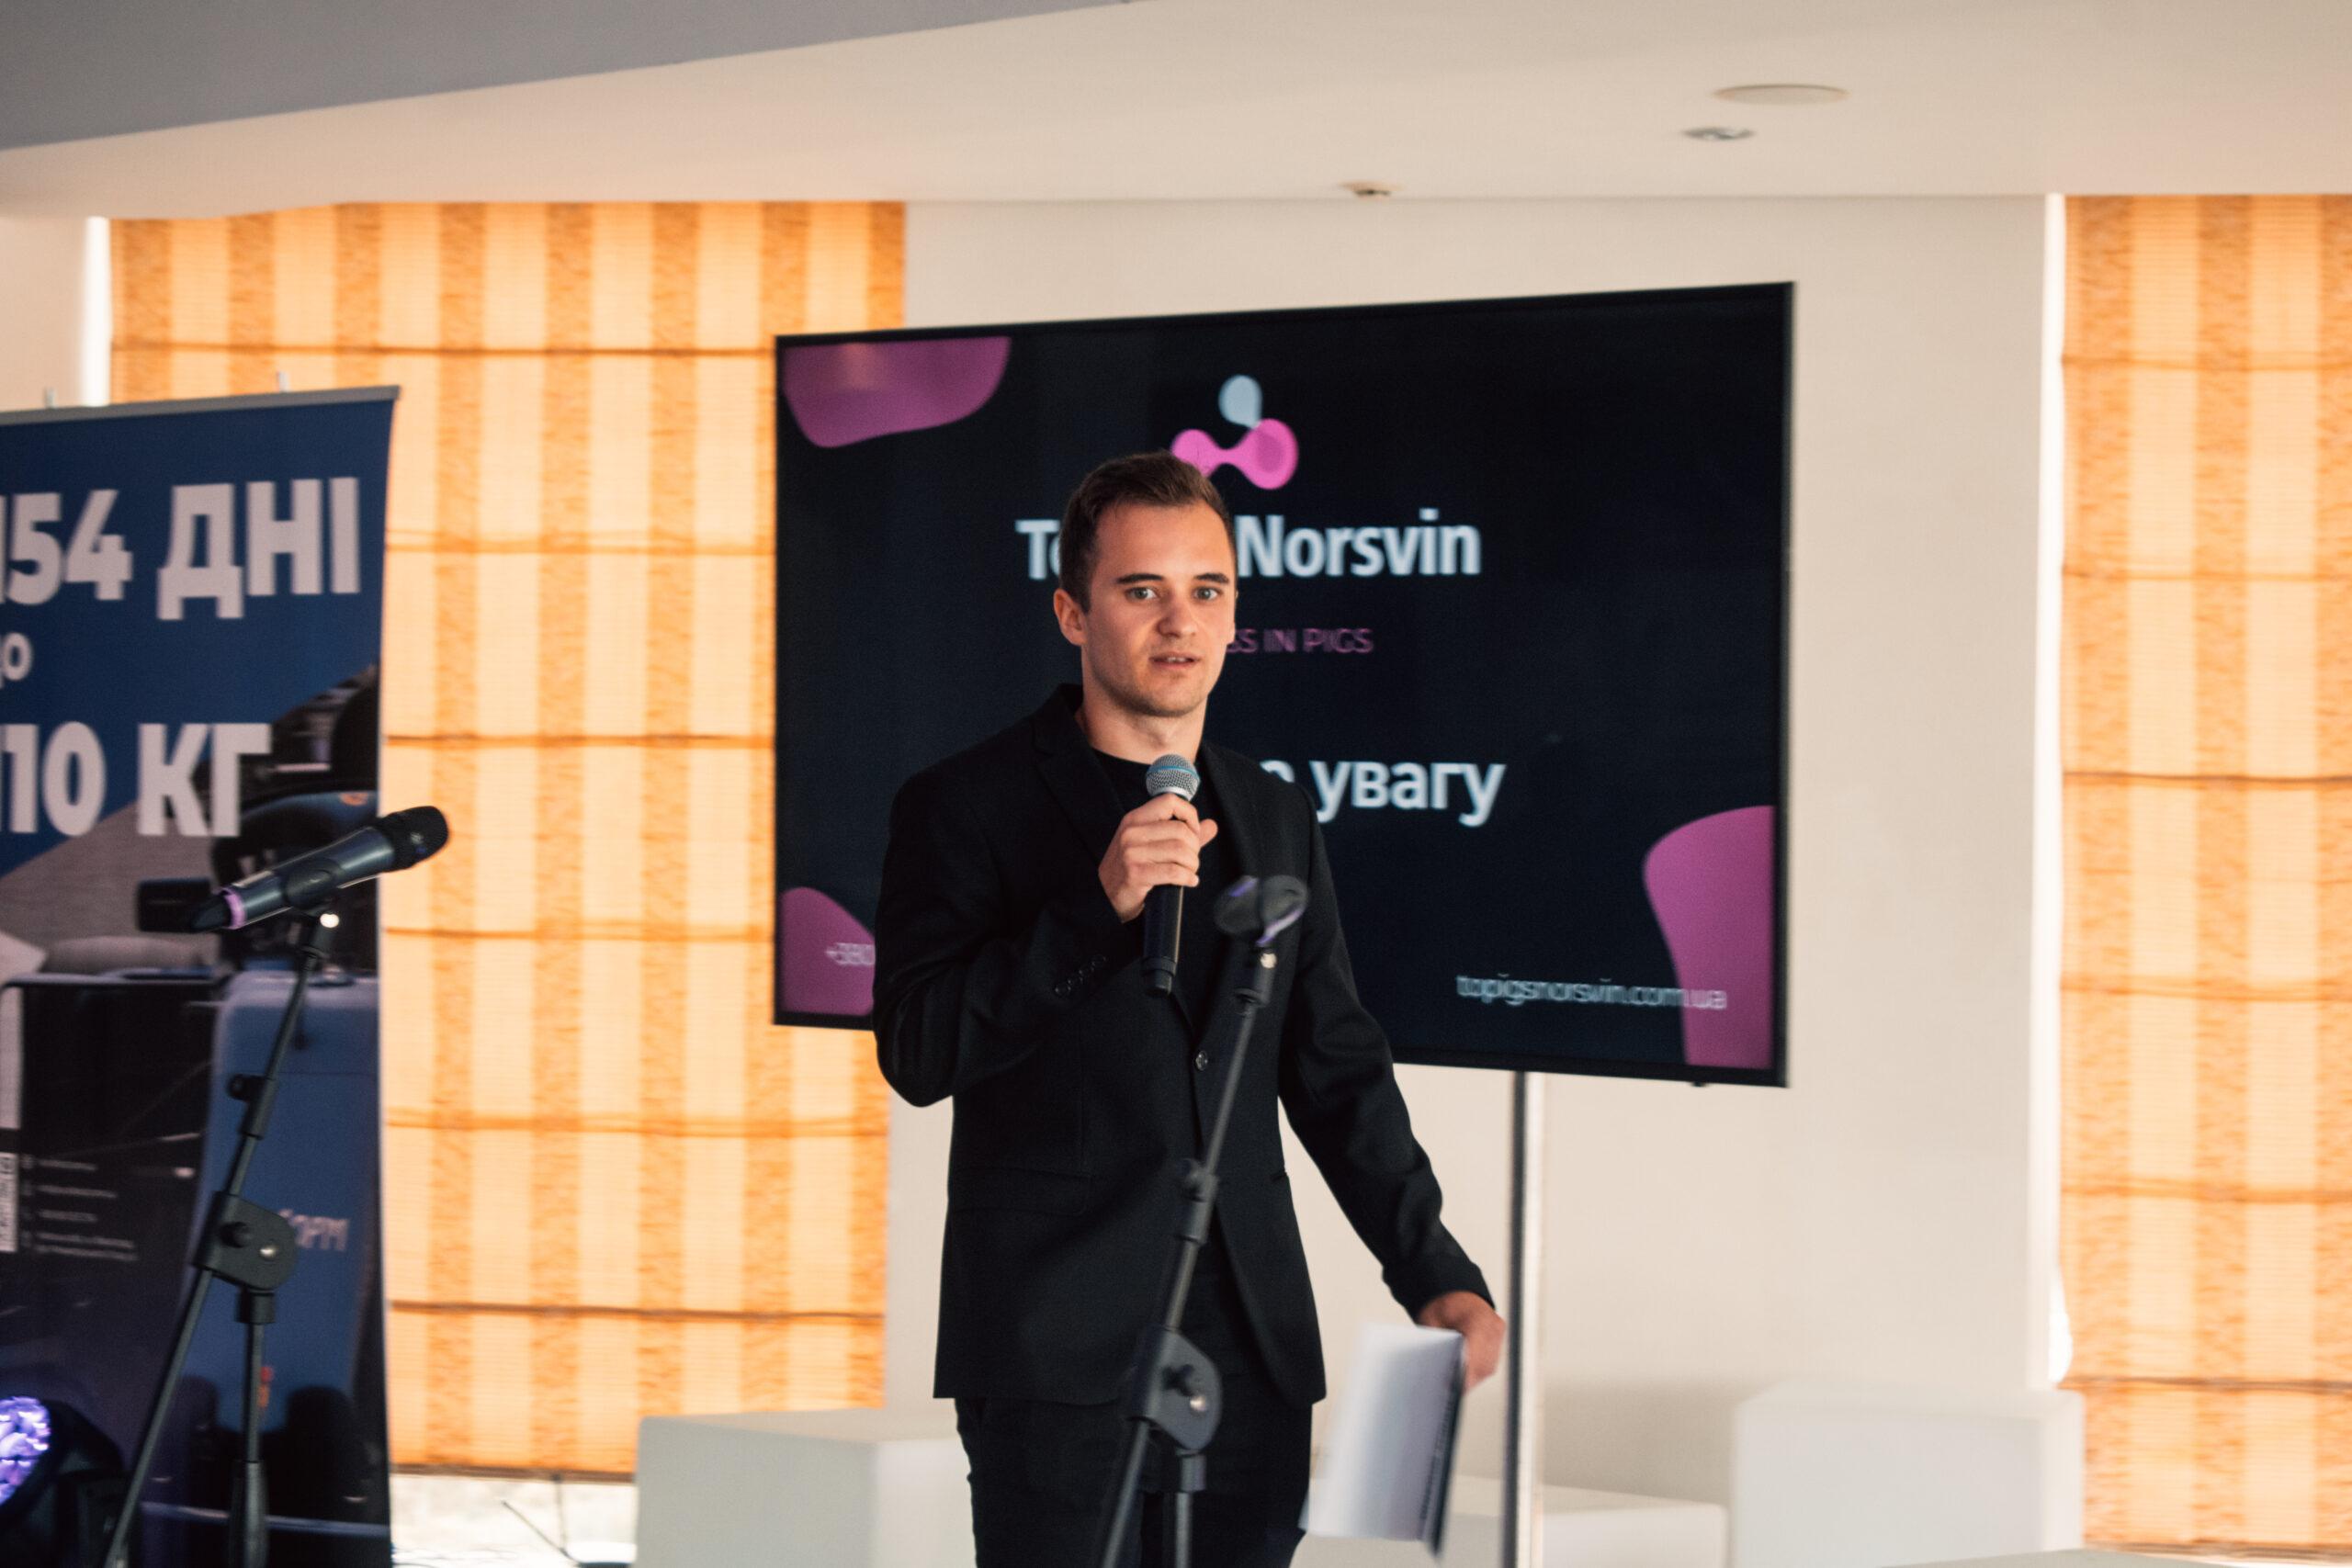 Найінноваційніша генетика свиней у світі: презентація Topigs Norsvin в Україні